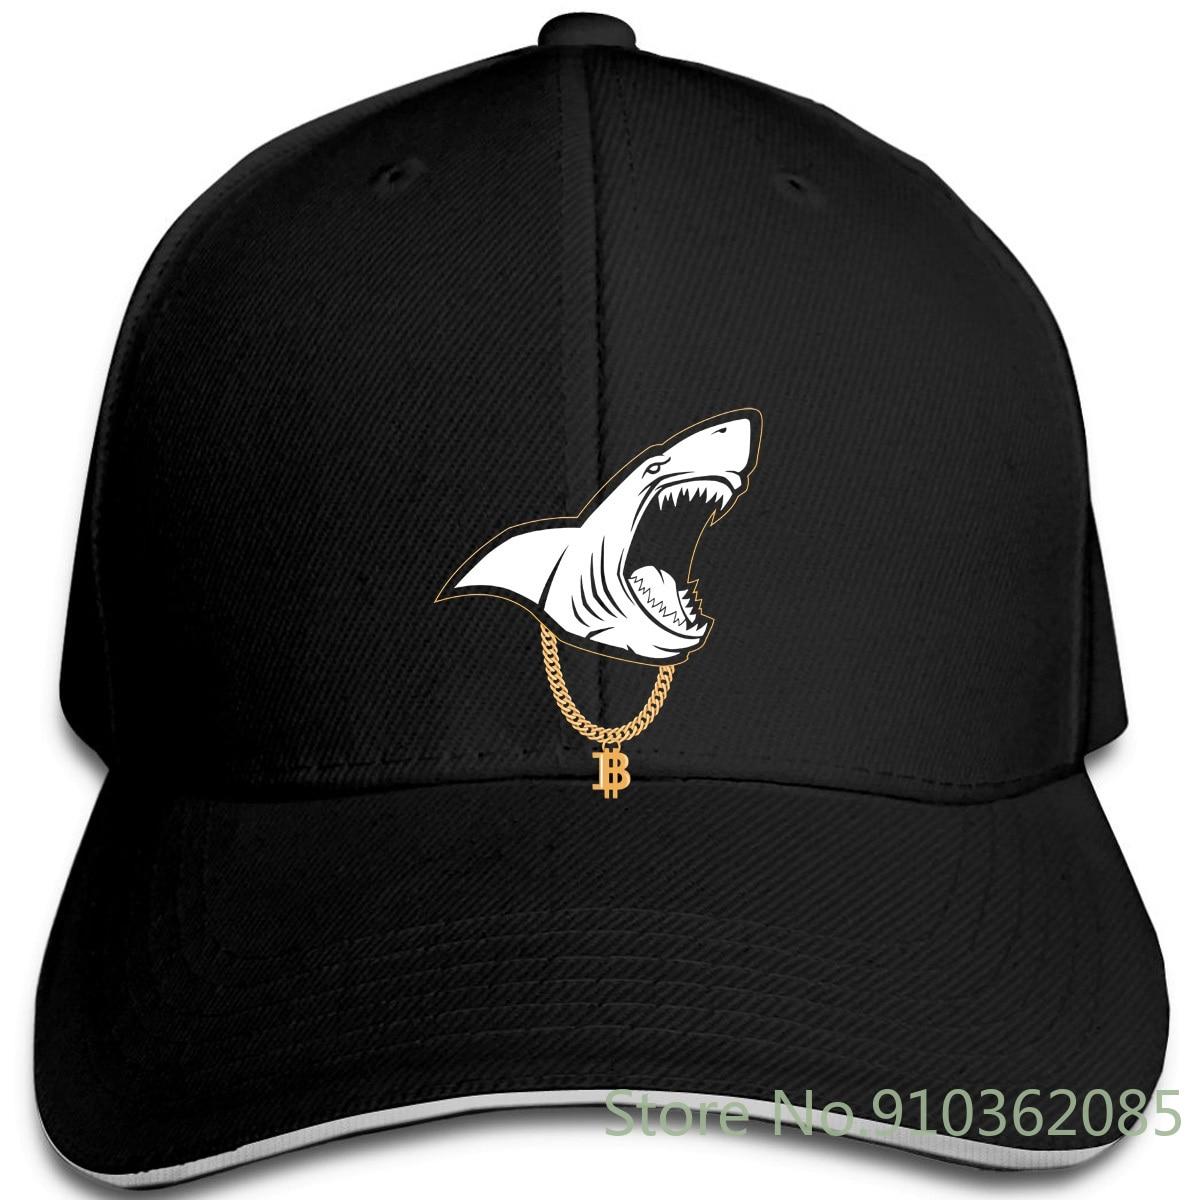 Gangsta Shark Bitcoin minador de monedas y gorras ajustables gorra de béisbol hombres y mujeres